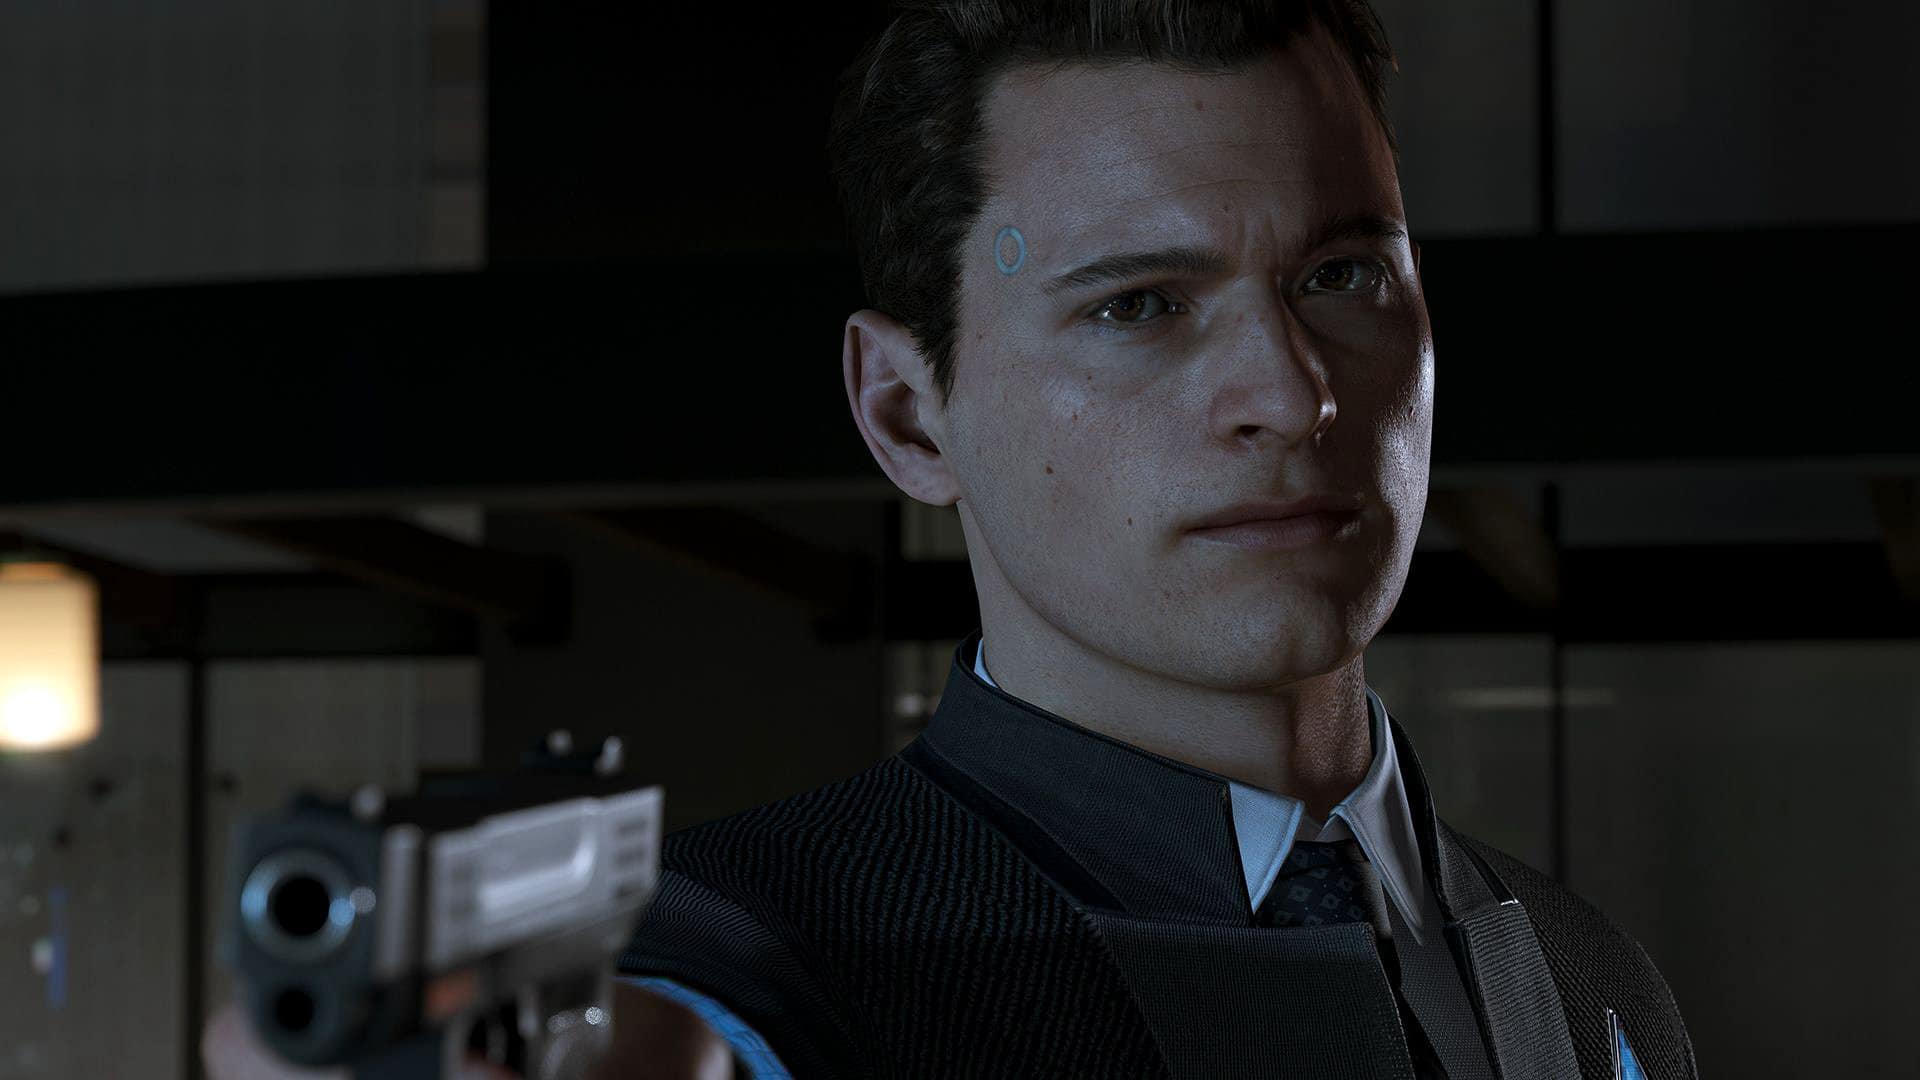 Detroit : Become Human arrivera avec de la 4K sur l'Epic Games Store en décembre